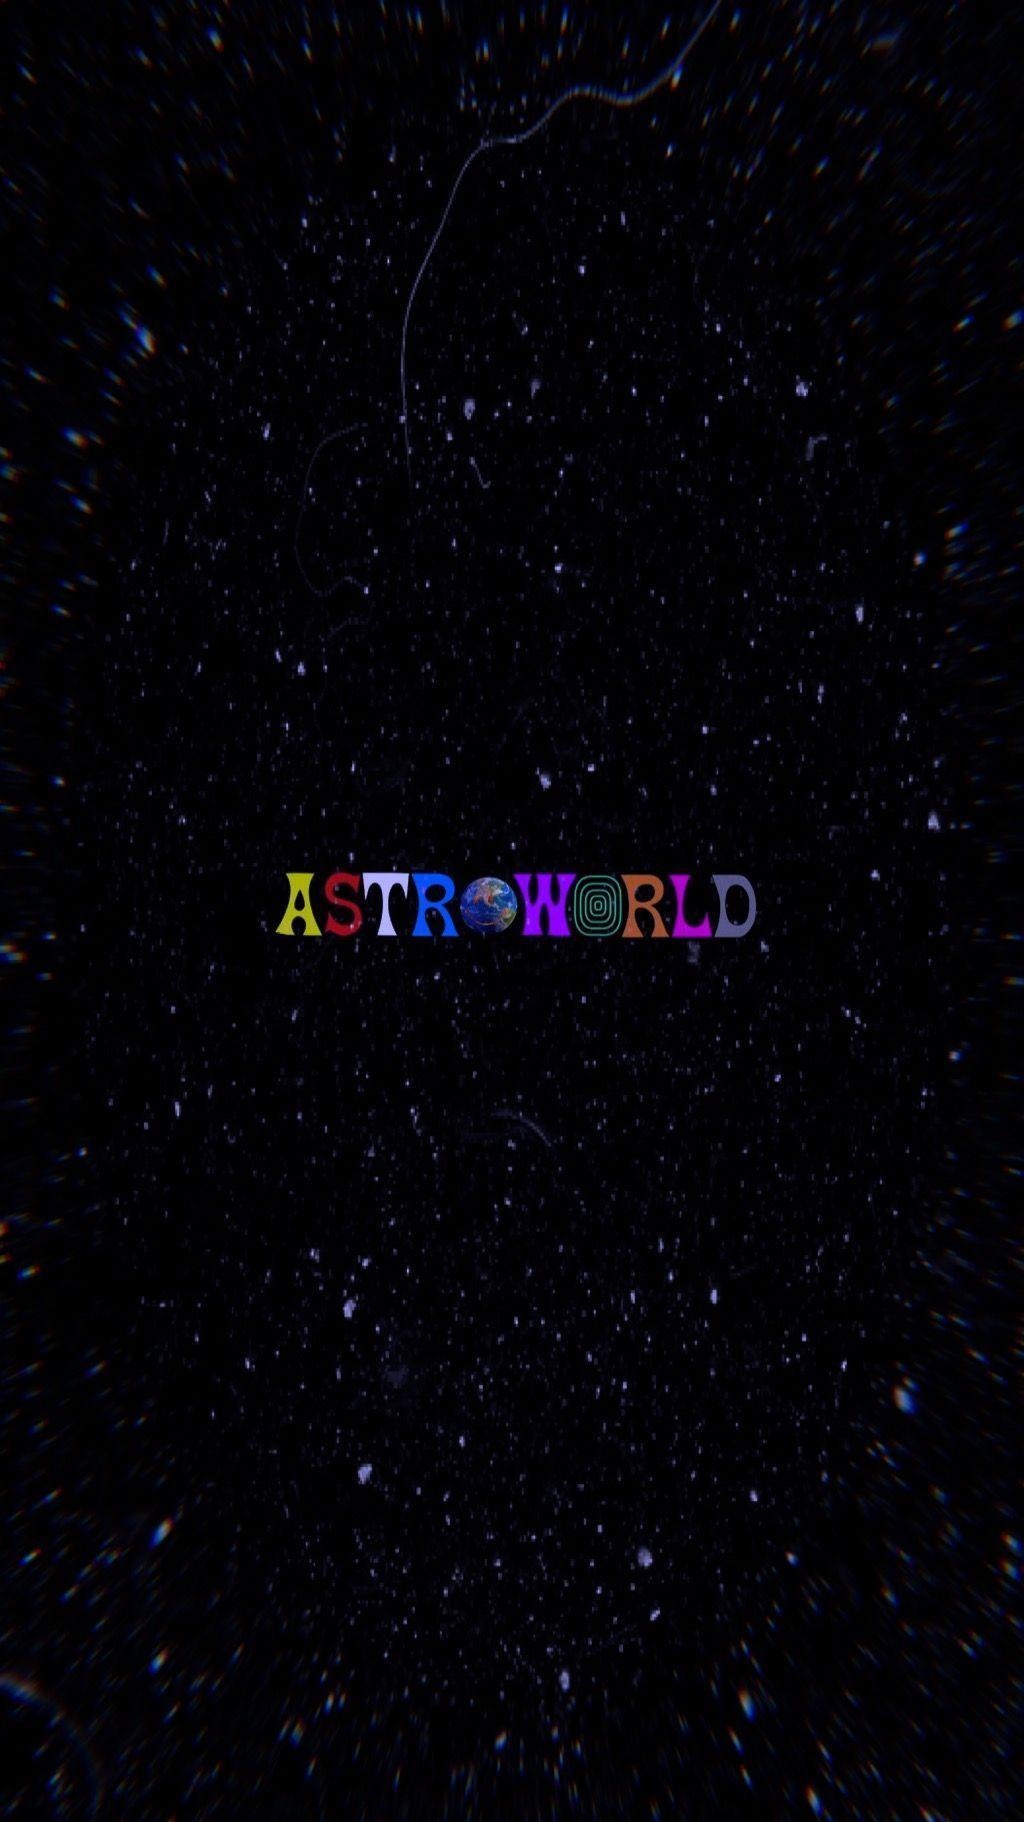 Upsidedown Astroworld Travisscottwallpapers Genel In 2020 Hype Wallpaper Iphone Wallpaper Vintage Travis Scott Wallpapers